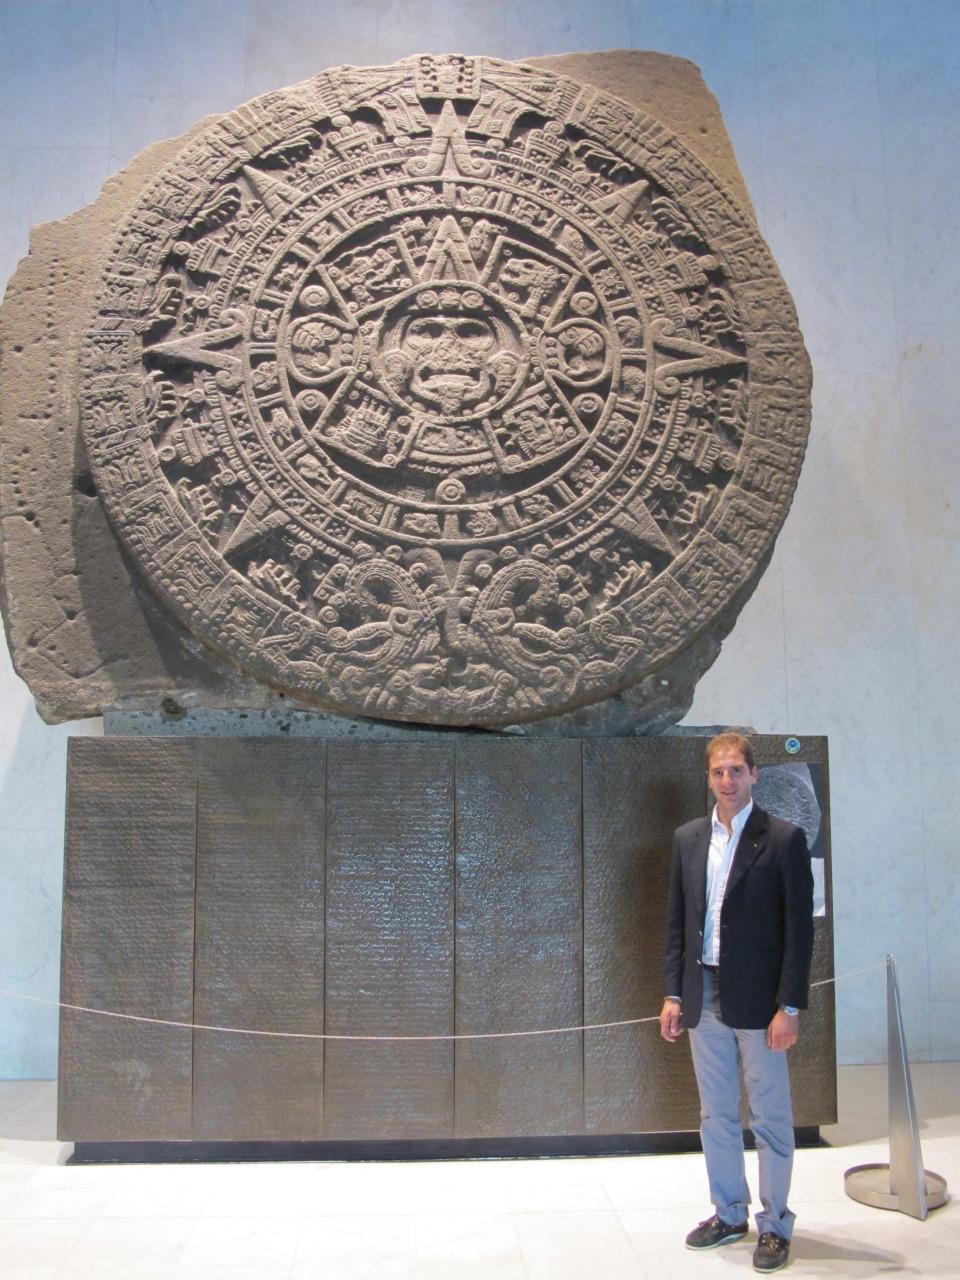 Museo Nacional de Antropología, Mexico City (Mexico)